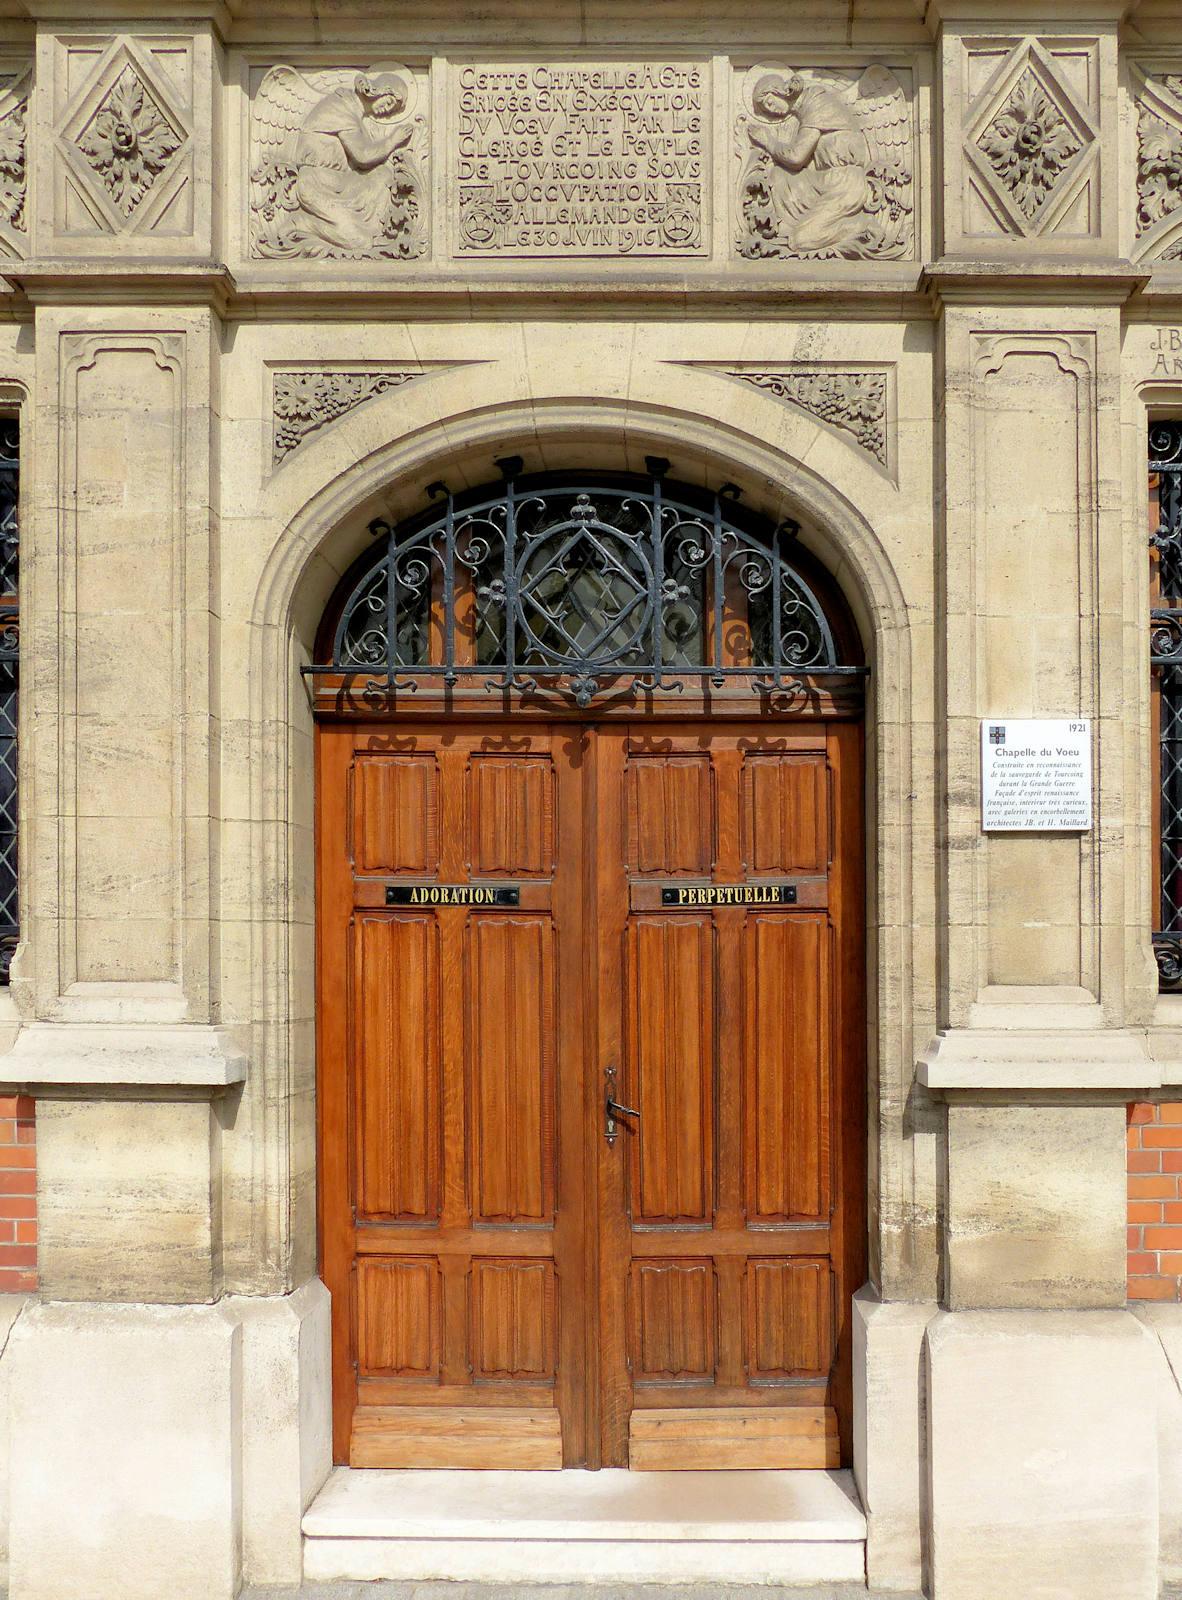 Chapelle du Voeu, Tourcoing - Porte d'entrée et Inscription.